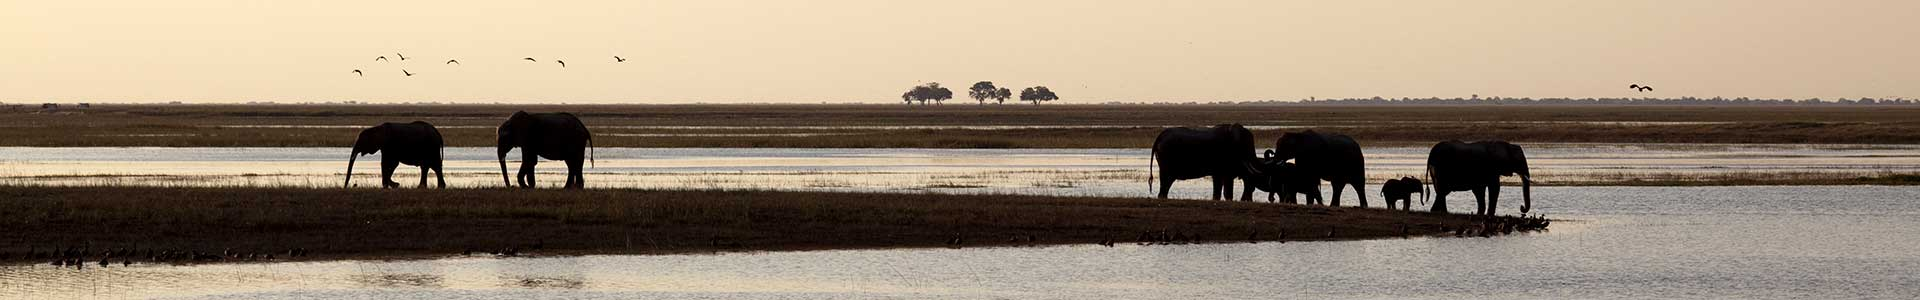 Voyage au Botswana - TUI